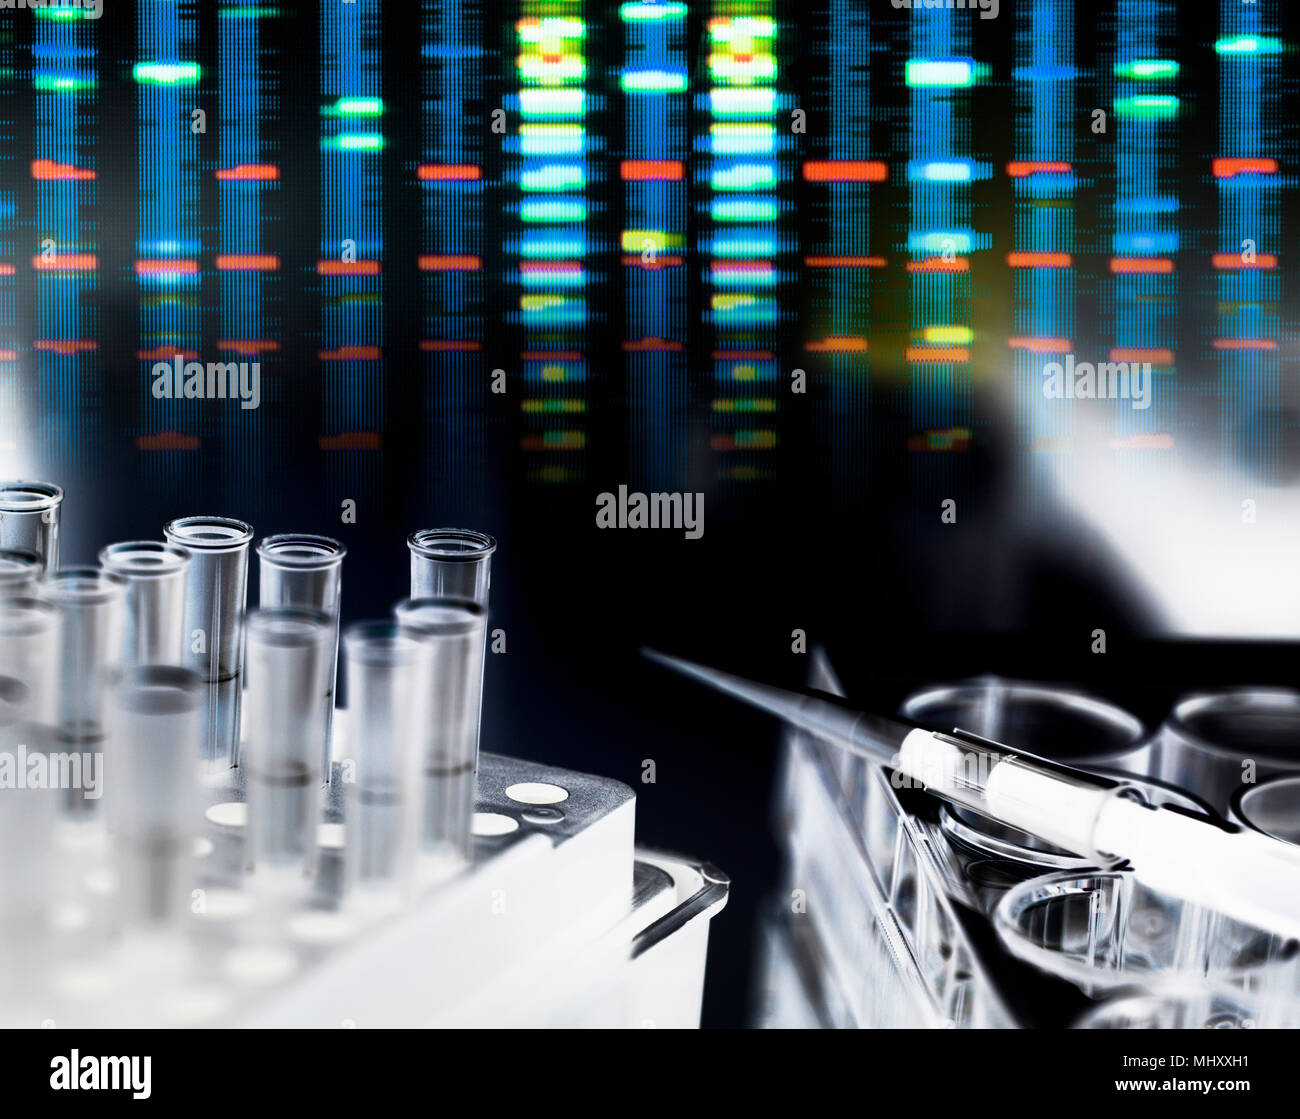 Pipetta a più pozzetti in attesa di campioni di DNA durante l'esperimento genetico in laboratorio con il profilo del DNA risultati in background Immagini Stock